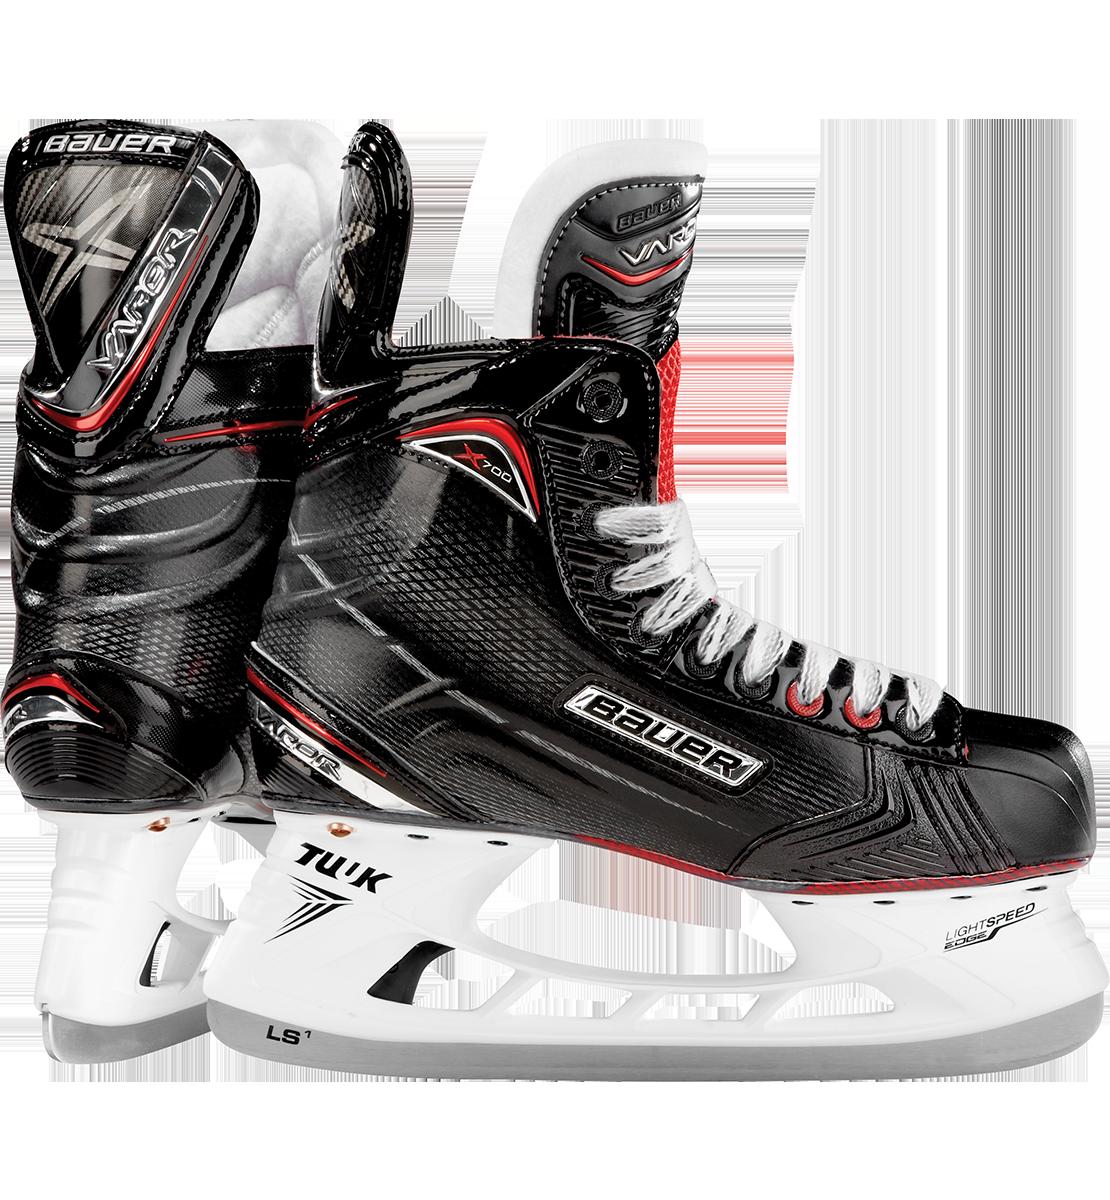 Vapor 700 Skate Main - Hockey Skates PNG